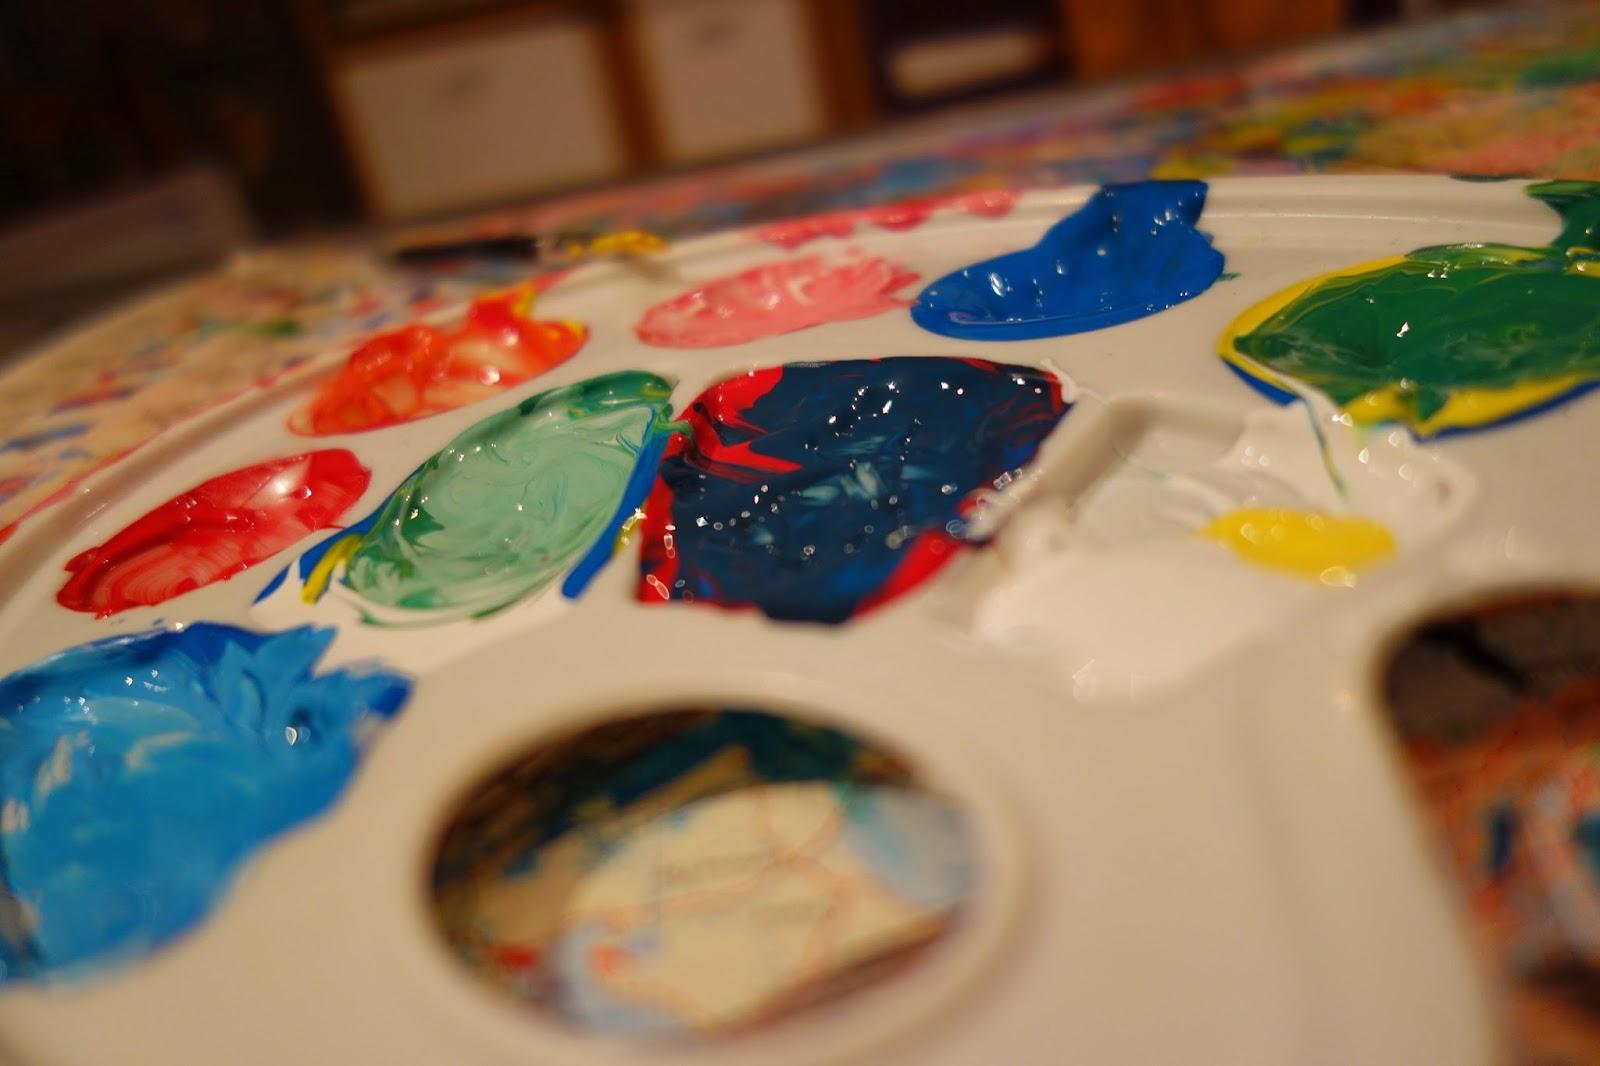 Babyoles 10 choses savoir avant de commencer une - Choses a savoir avant de peindre une piece ...